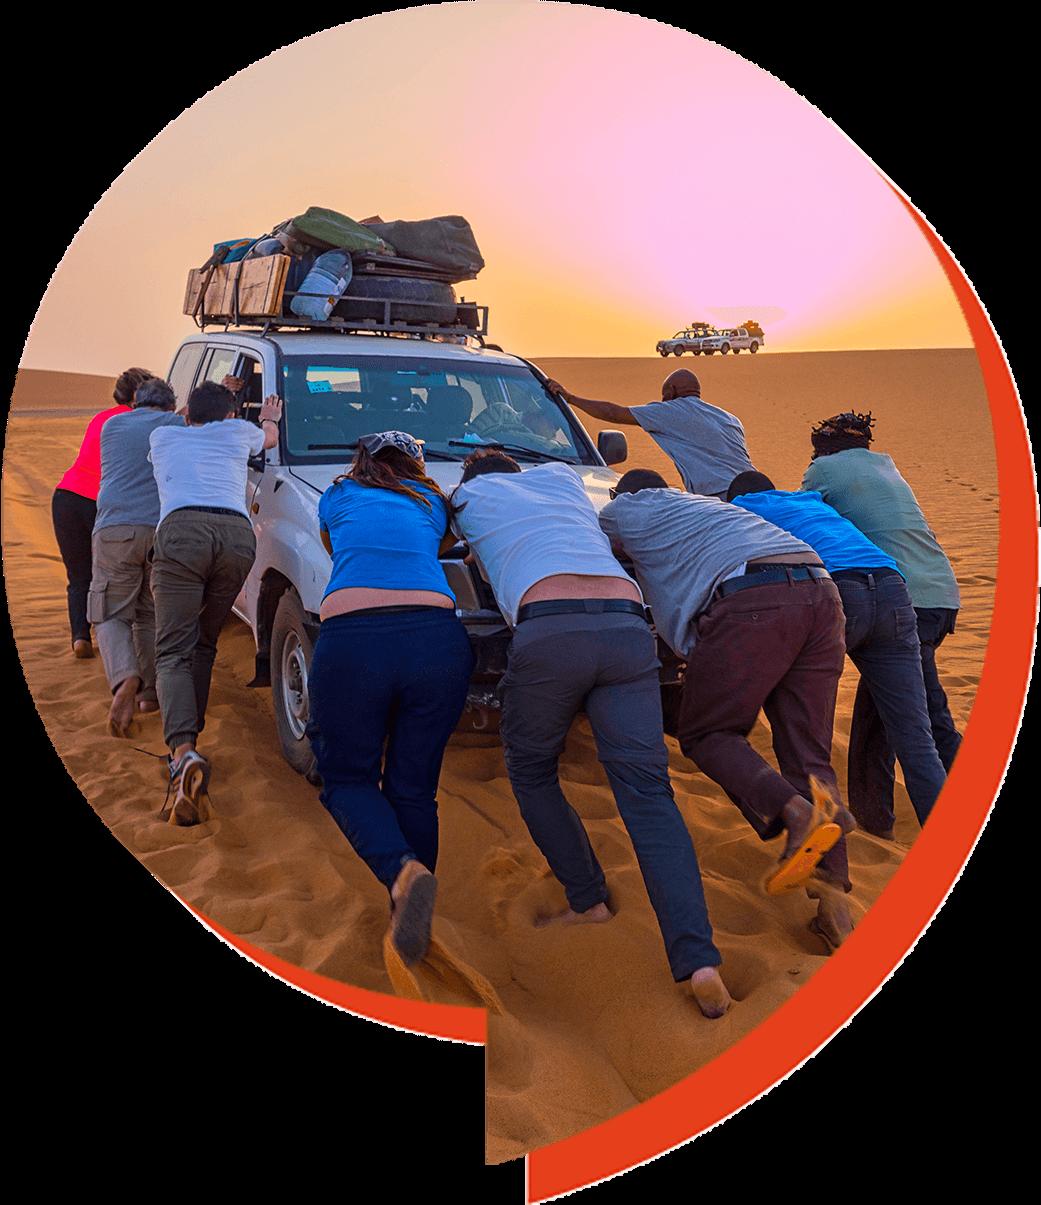 Treball en equip al desert d'Al Dabbah al Sudan